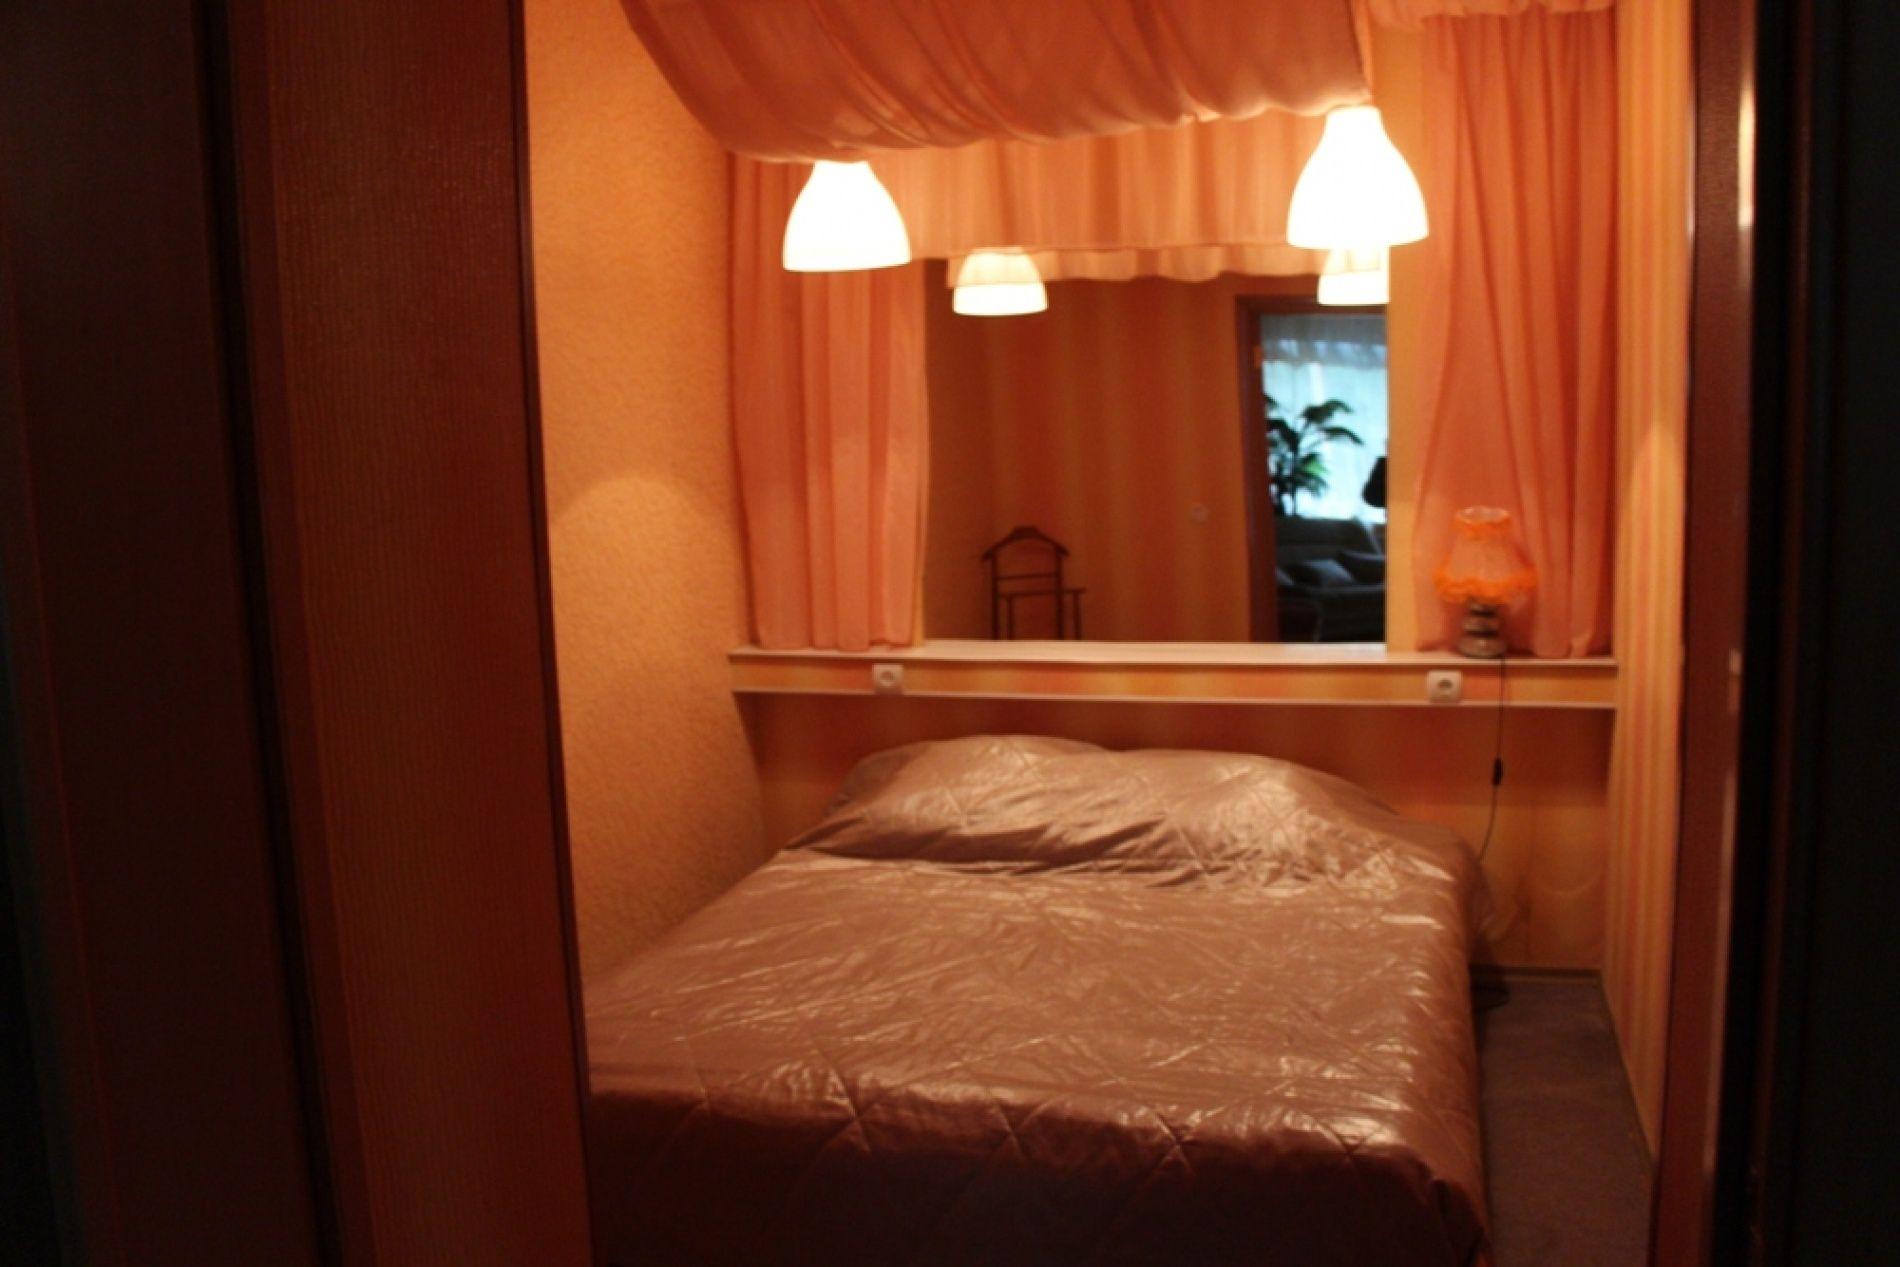 База отдыха «Залив» Нижегородская область Номер «Апартаменты» (46.8 кв.м) , фото 1